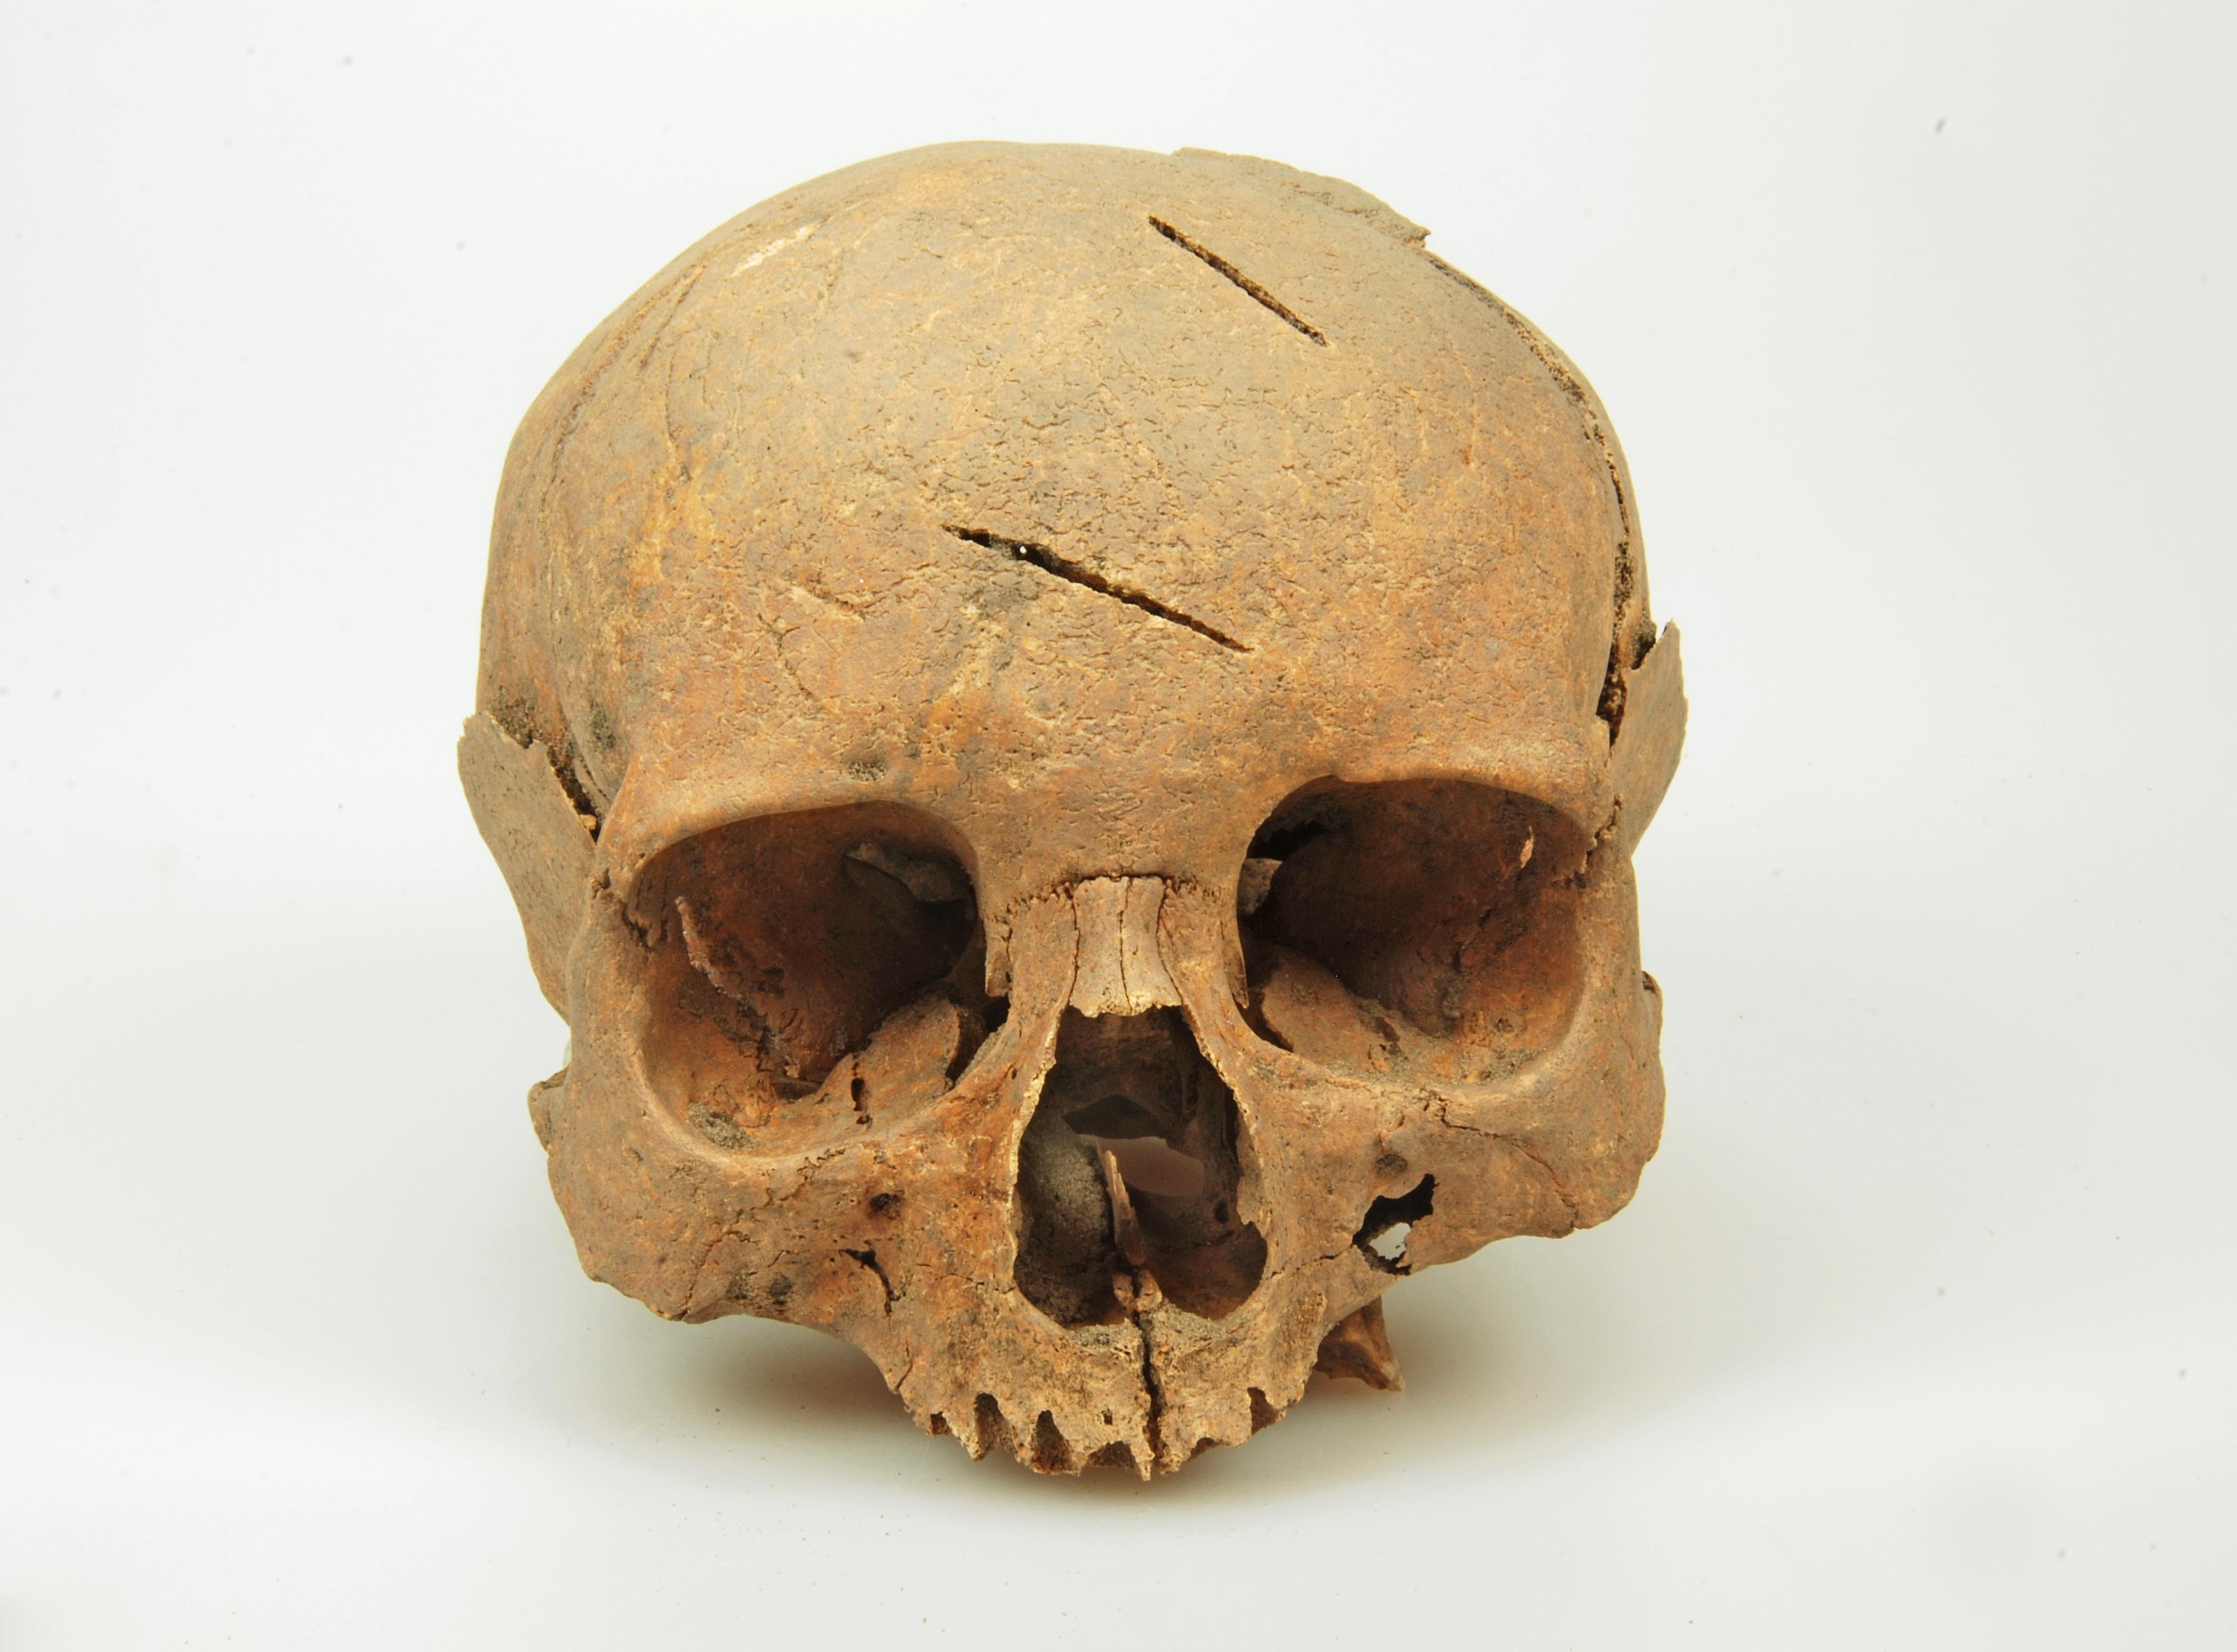 Botmateriaal van de opgraving van Vronen.